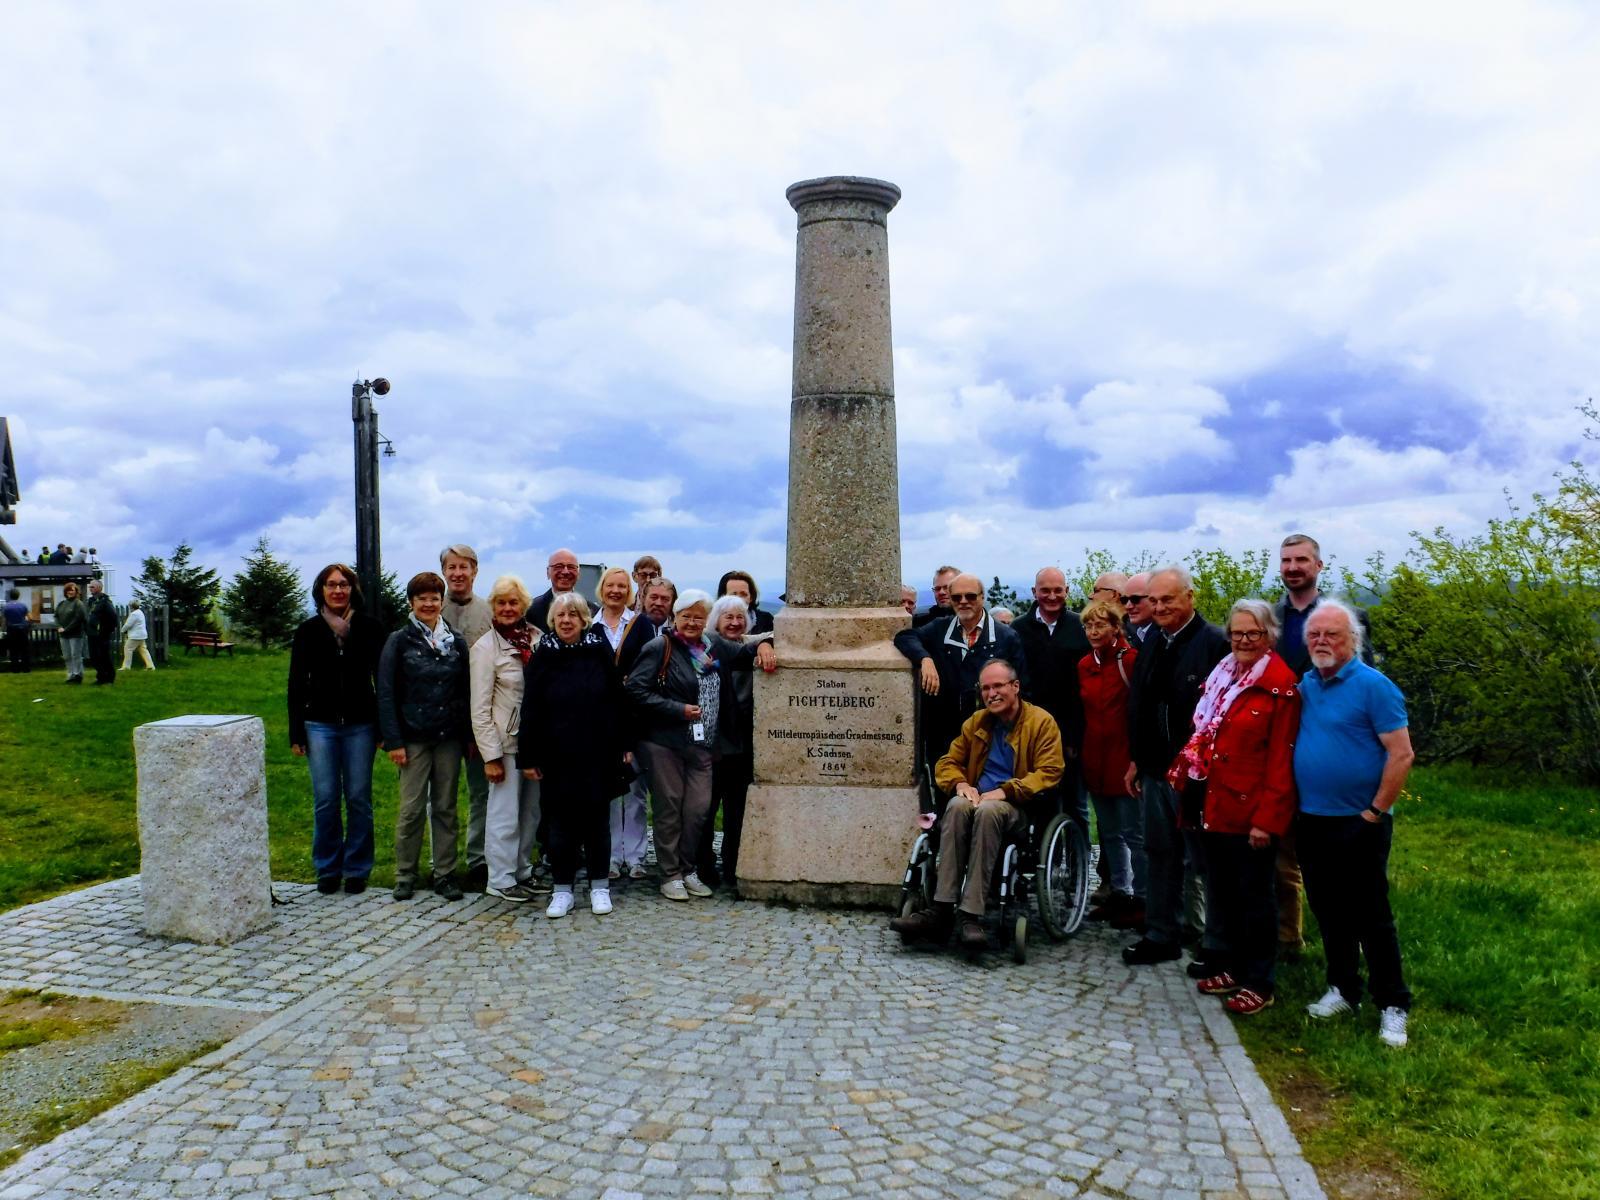 Jahresexkursion des DVW Nordrhein-Westfalen e.V. ins Erzgebirge